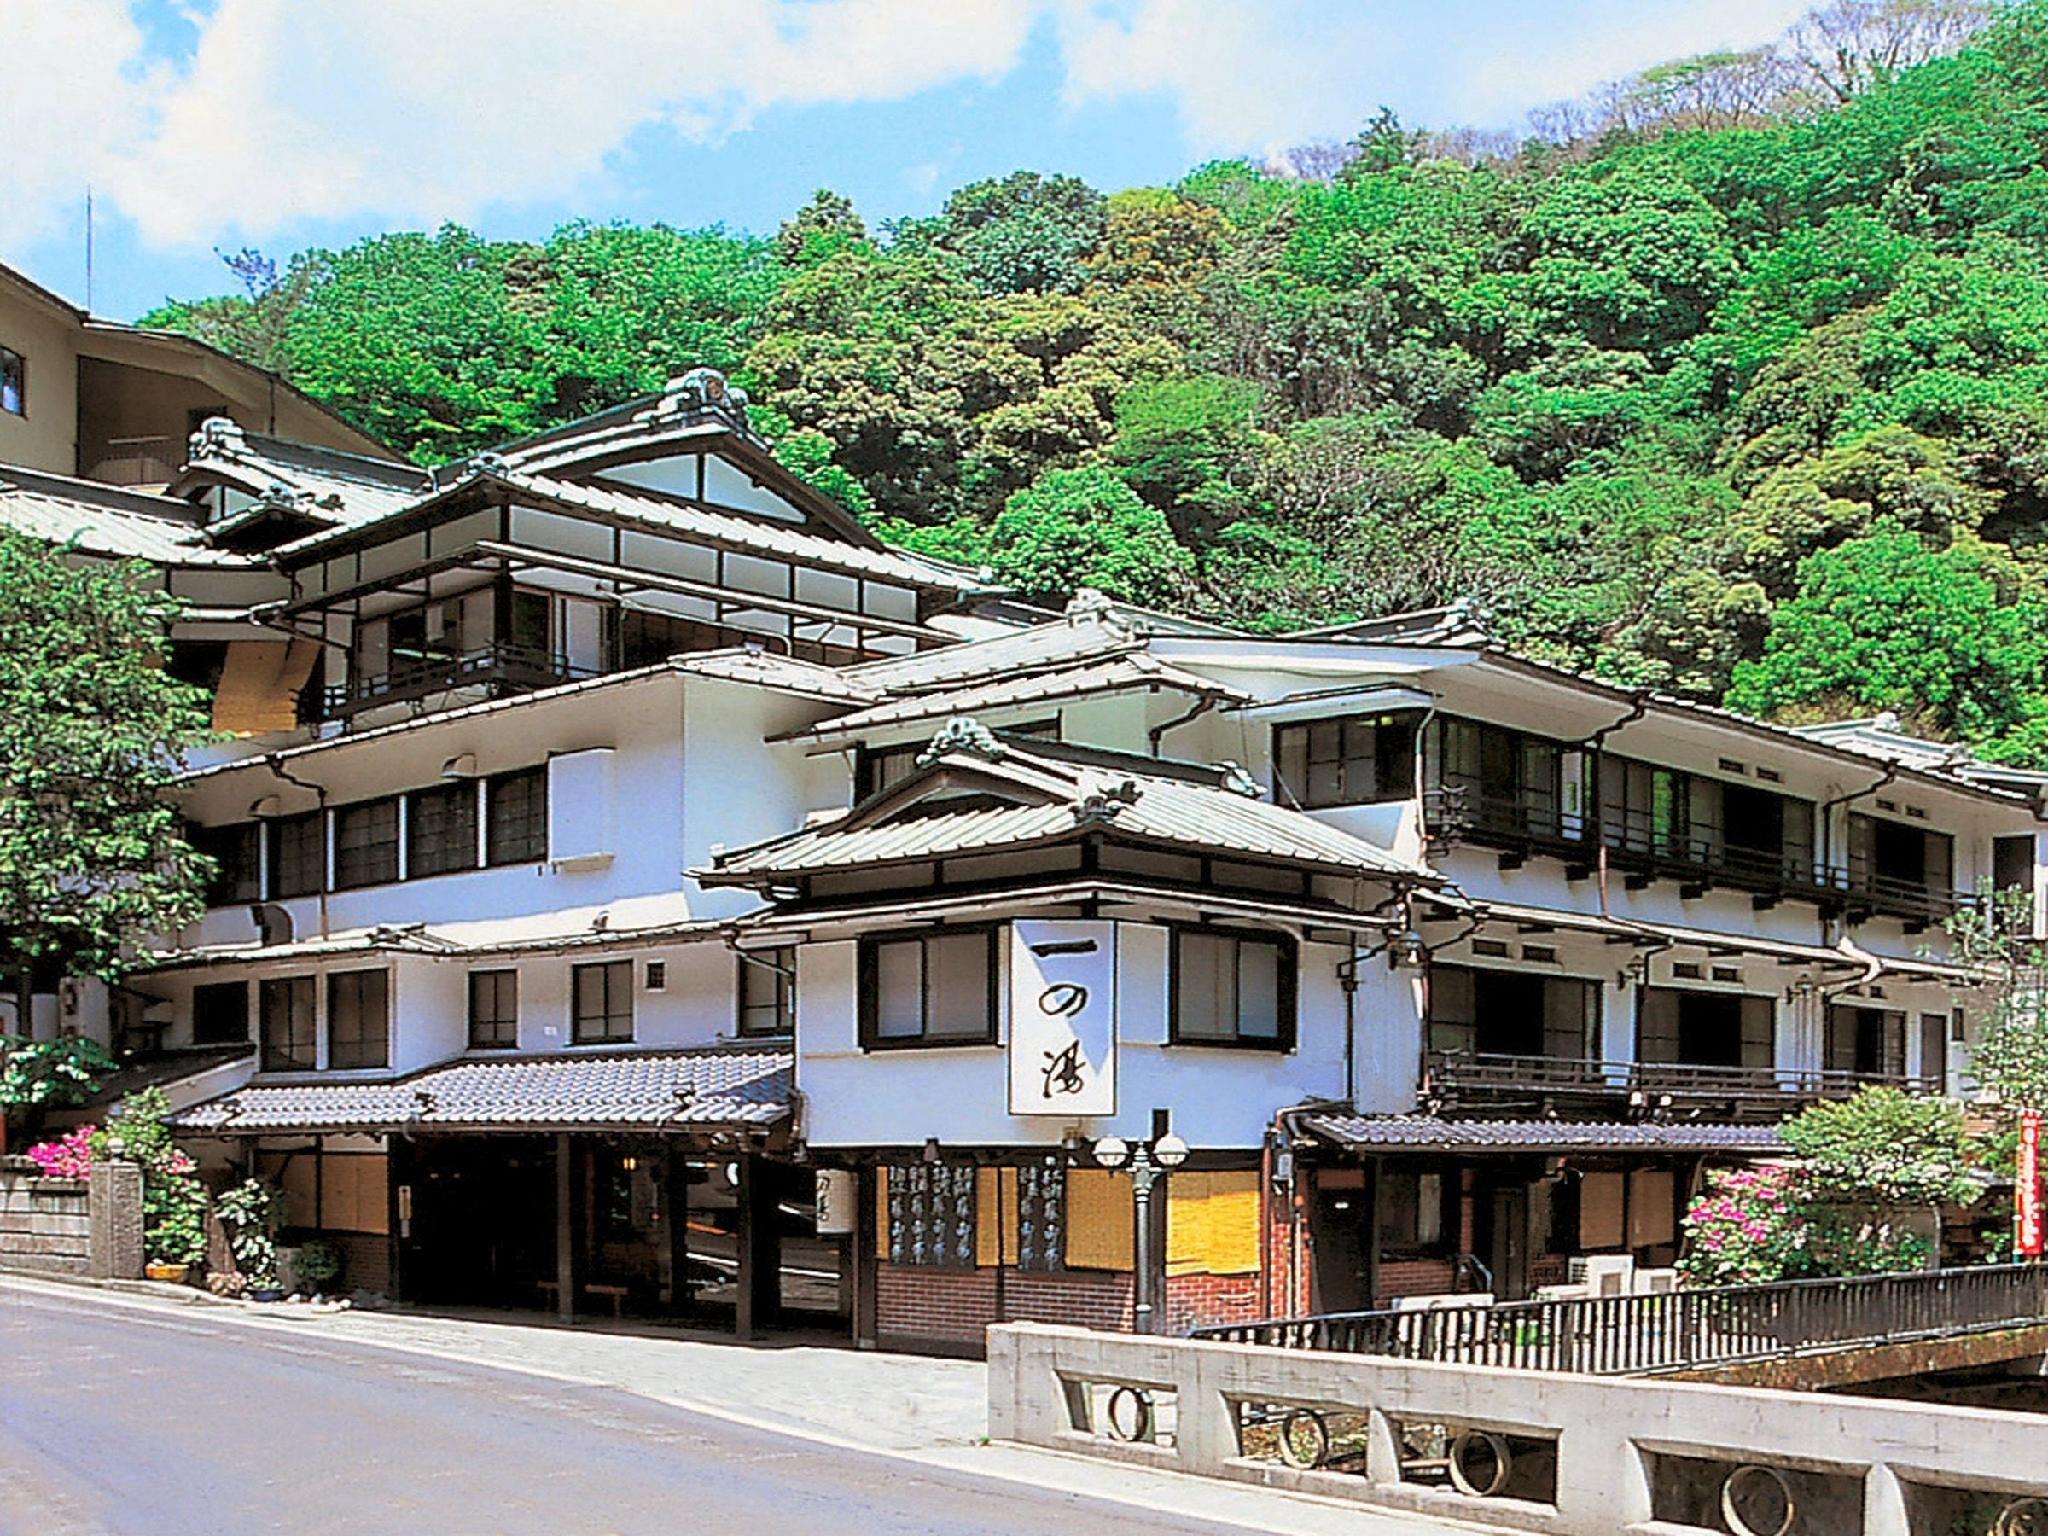 โรงแรมโทโนซาวะ อิจิโนยุ ฮอนคัน